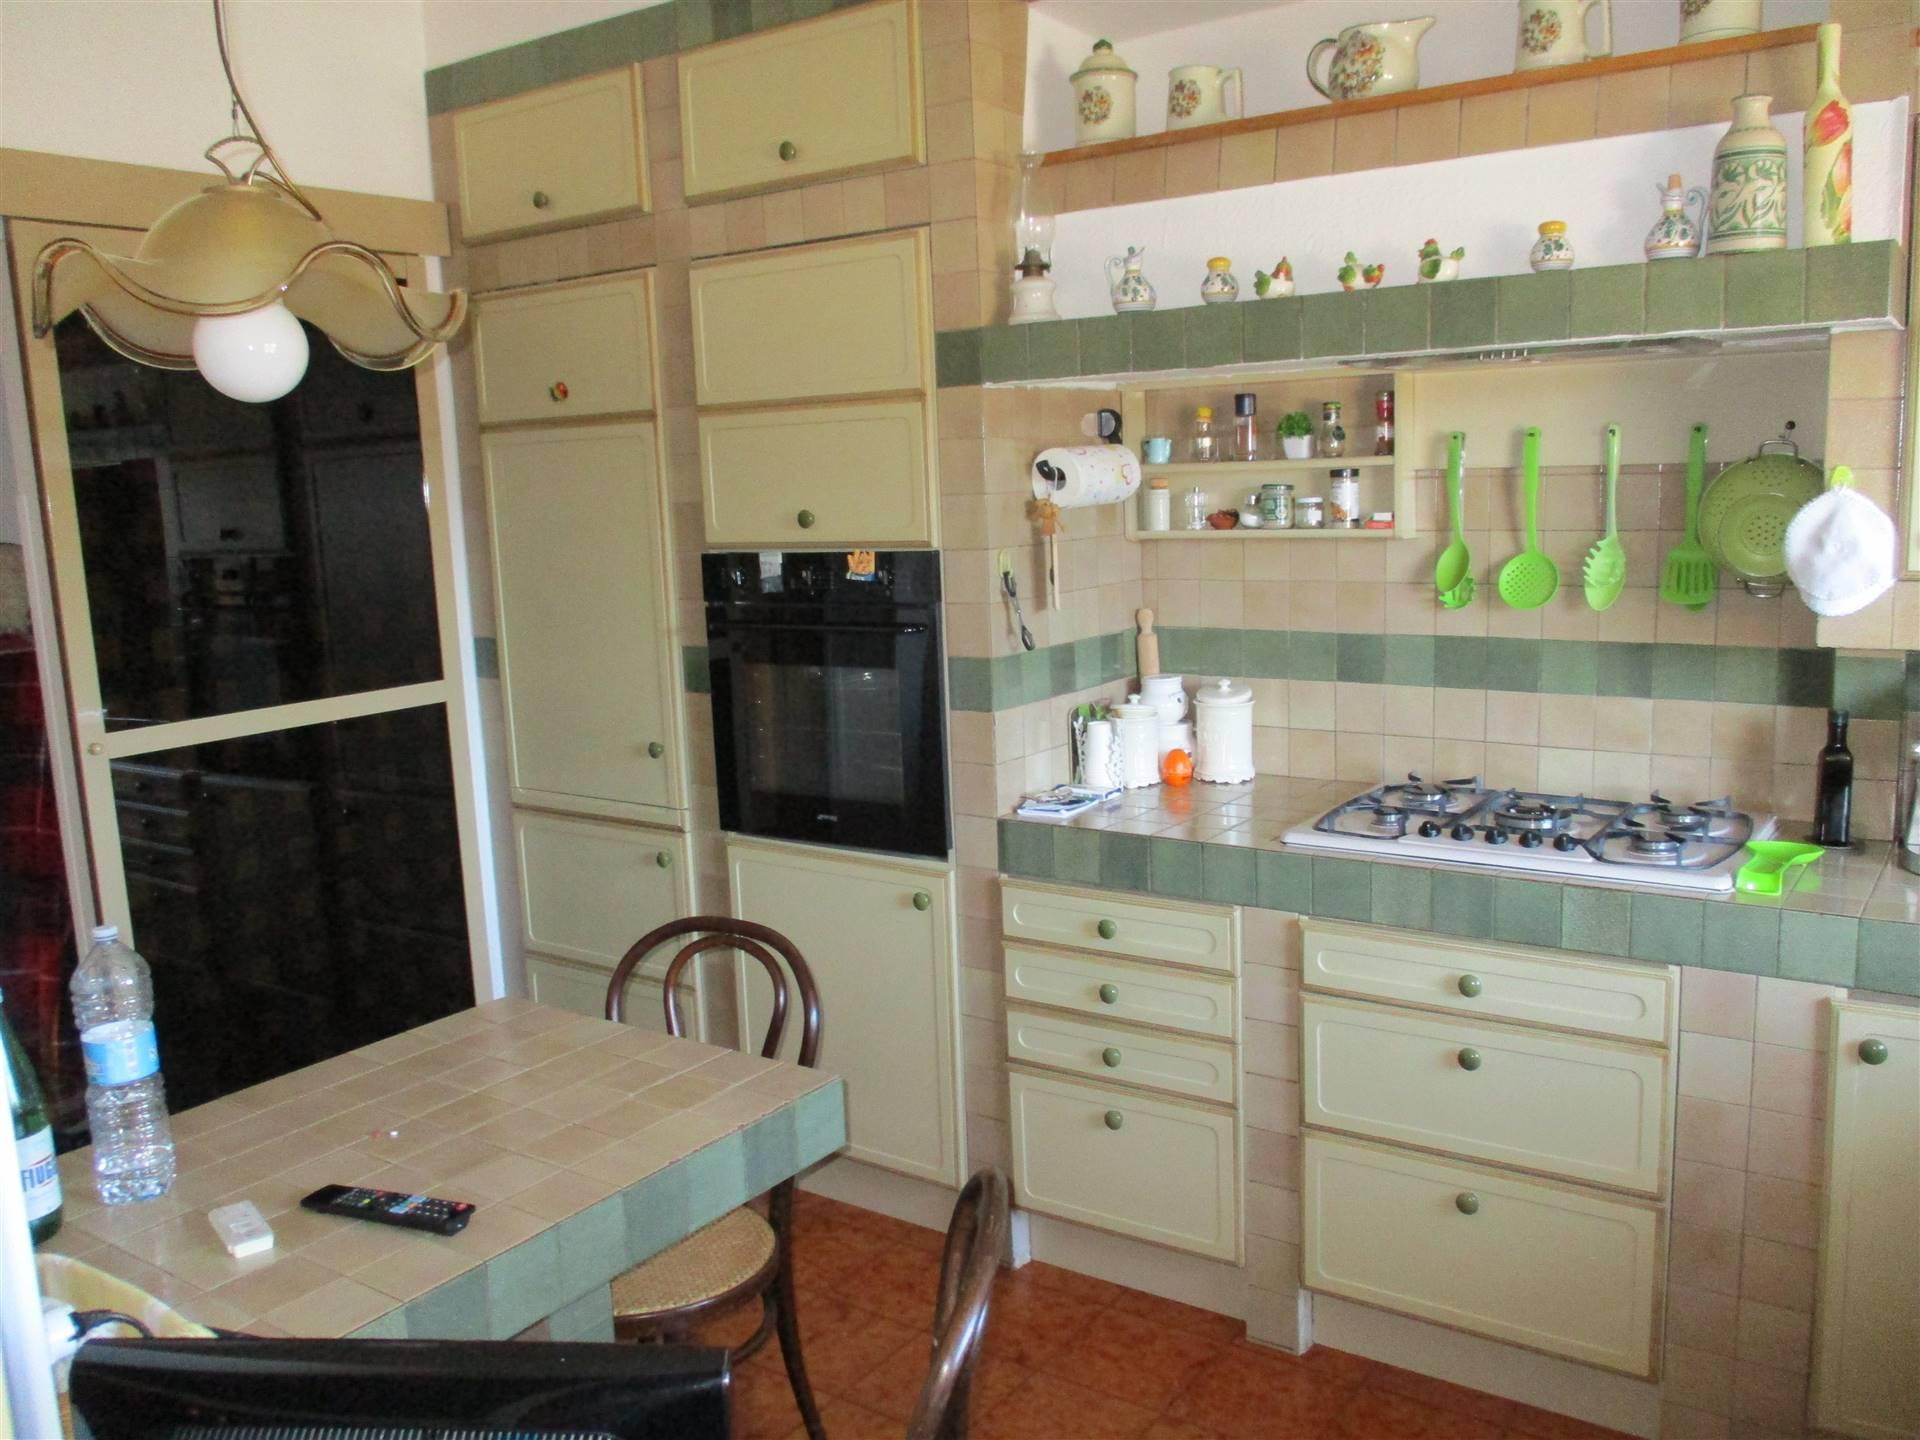 Appartamento in Vendita a Poggio a caiano zona  - immagine 6